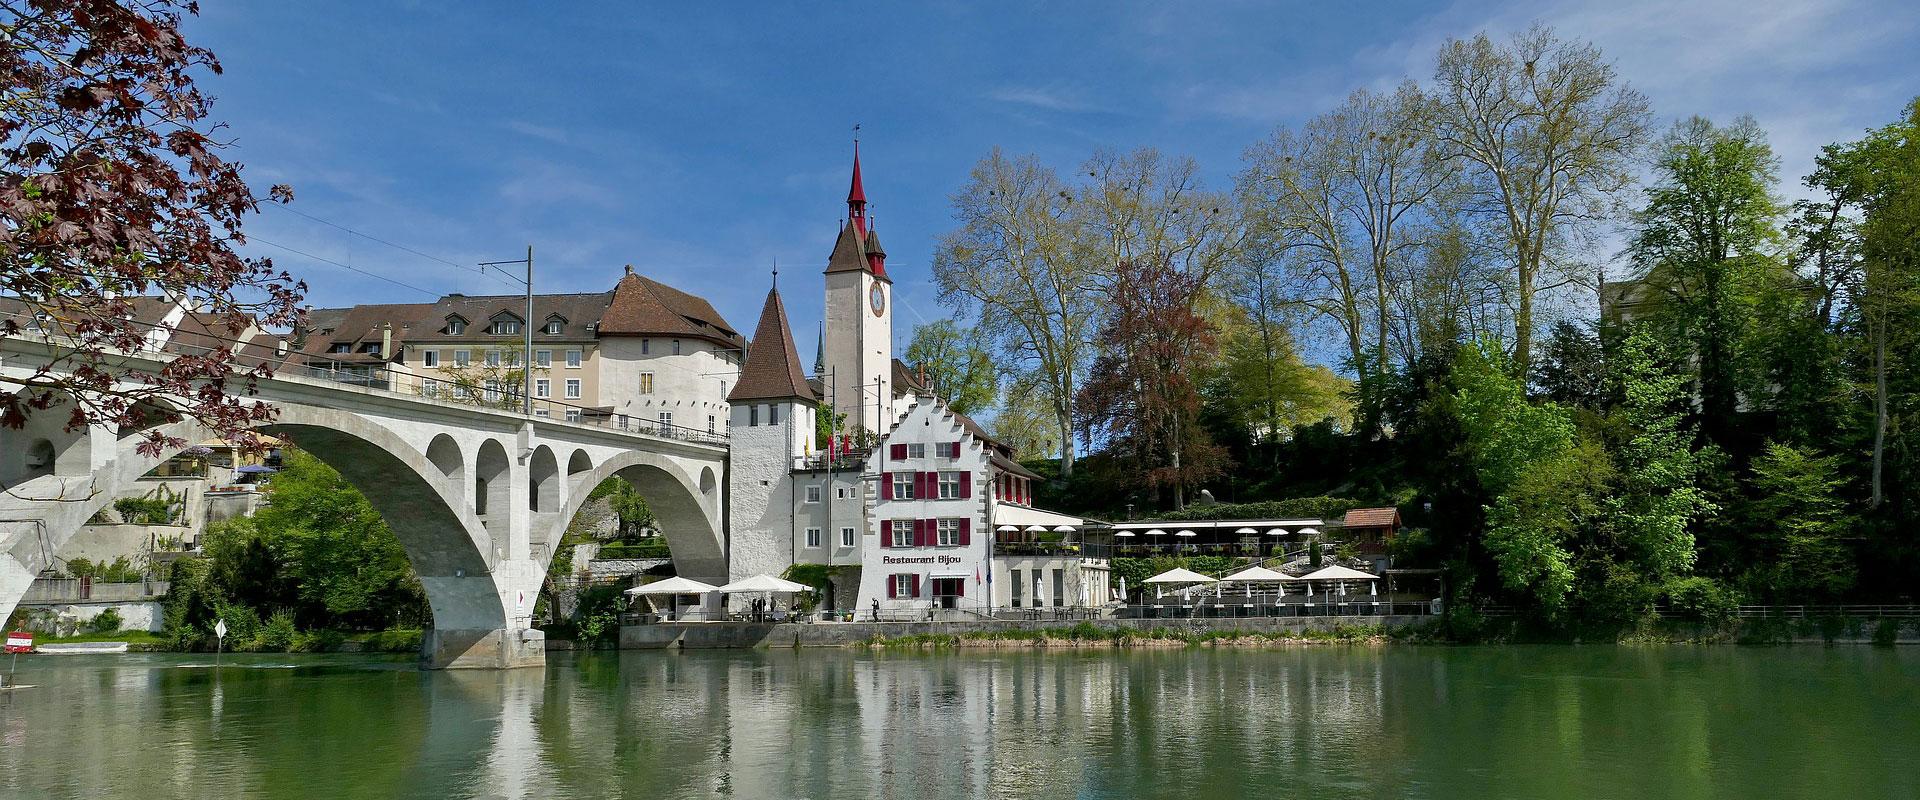 Bremgarten im Kanton Aargau